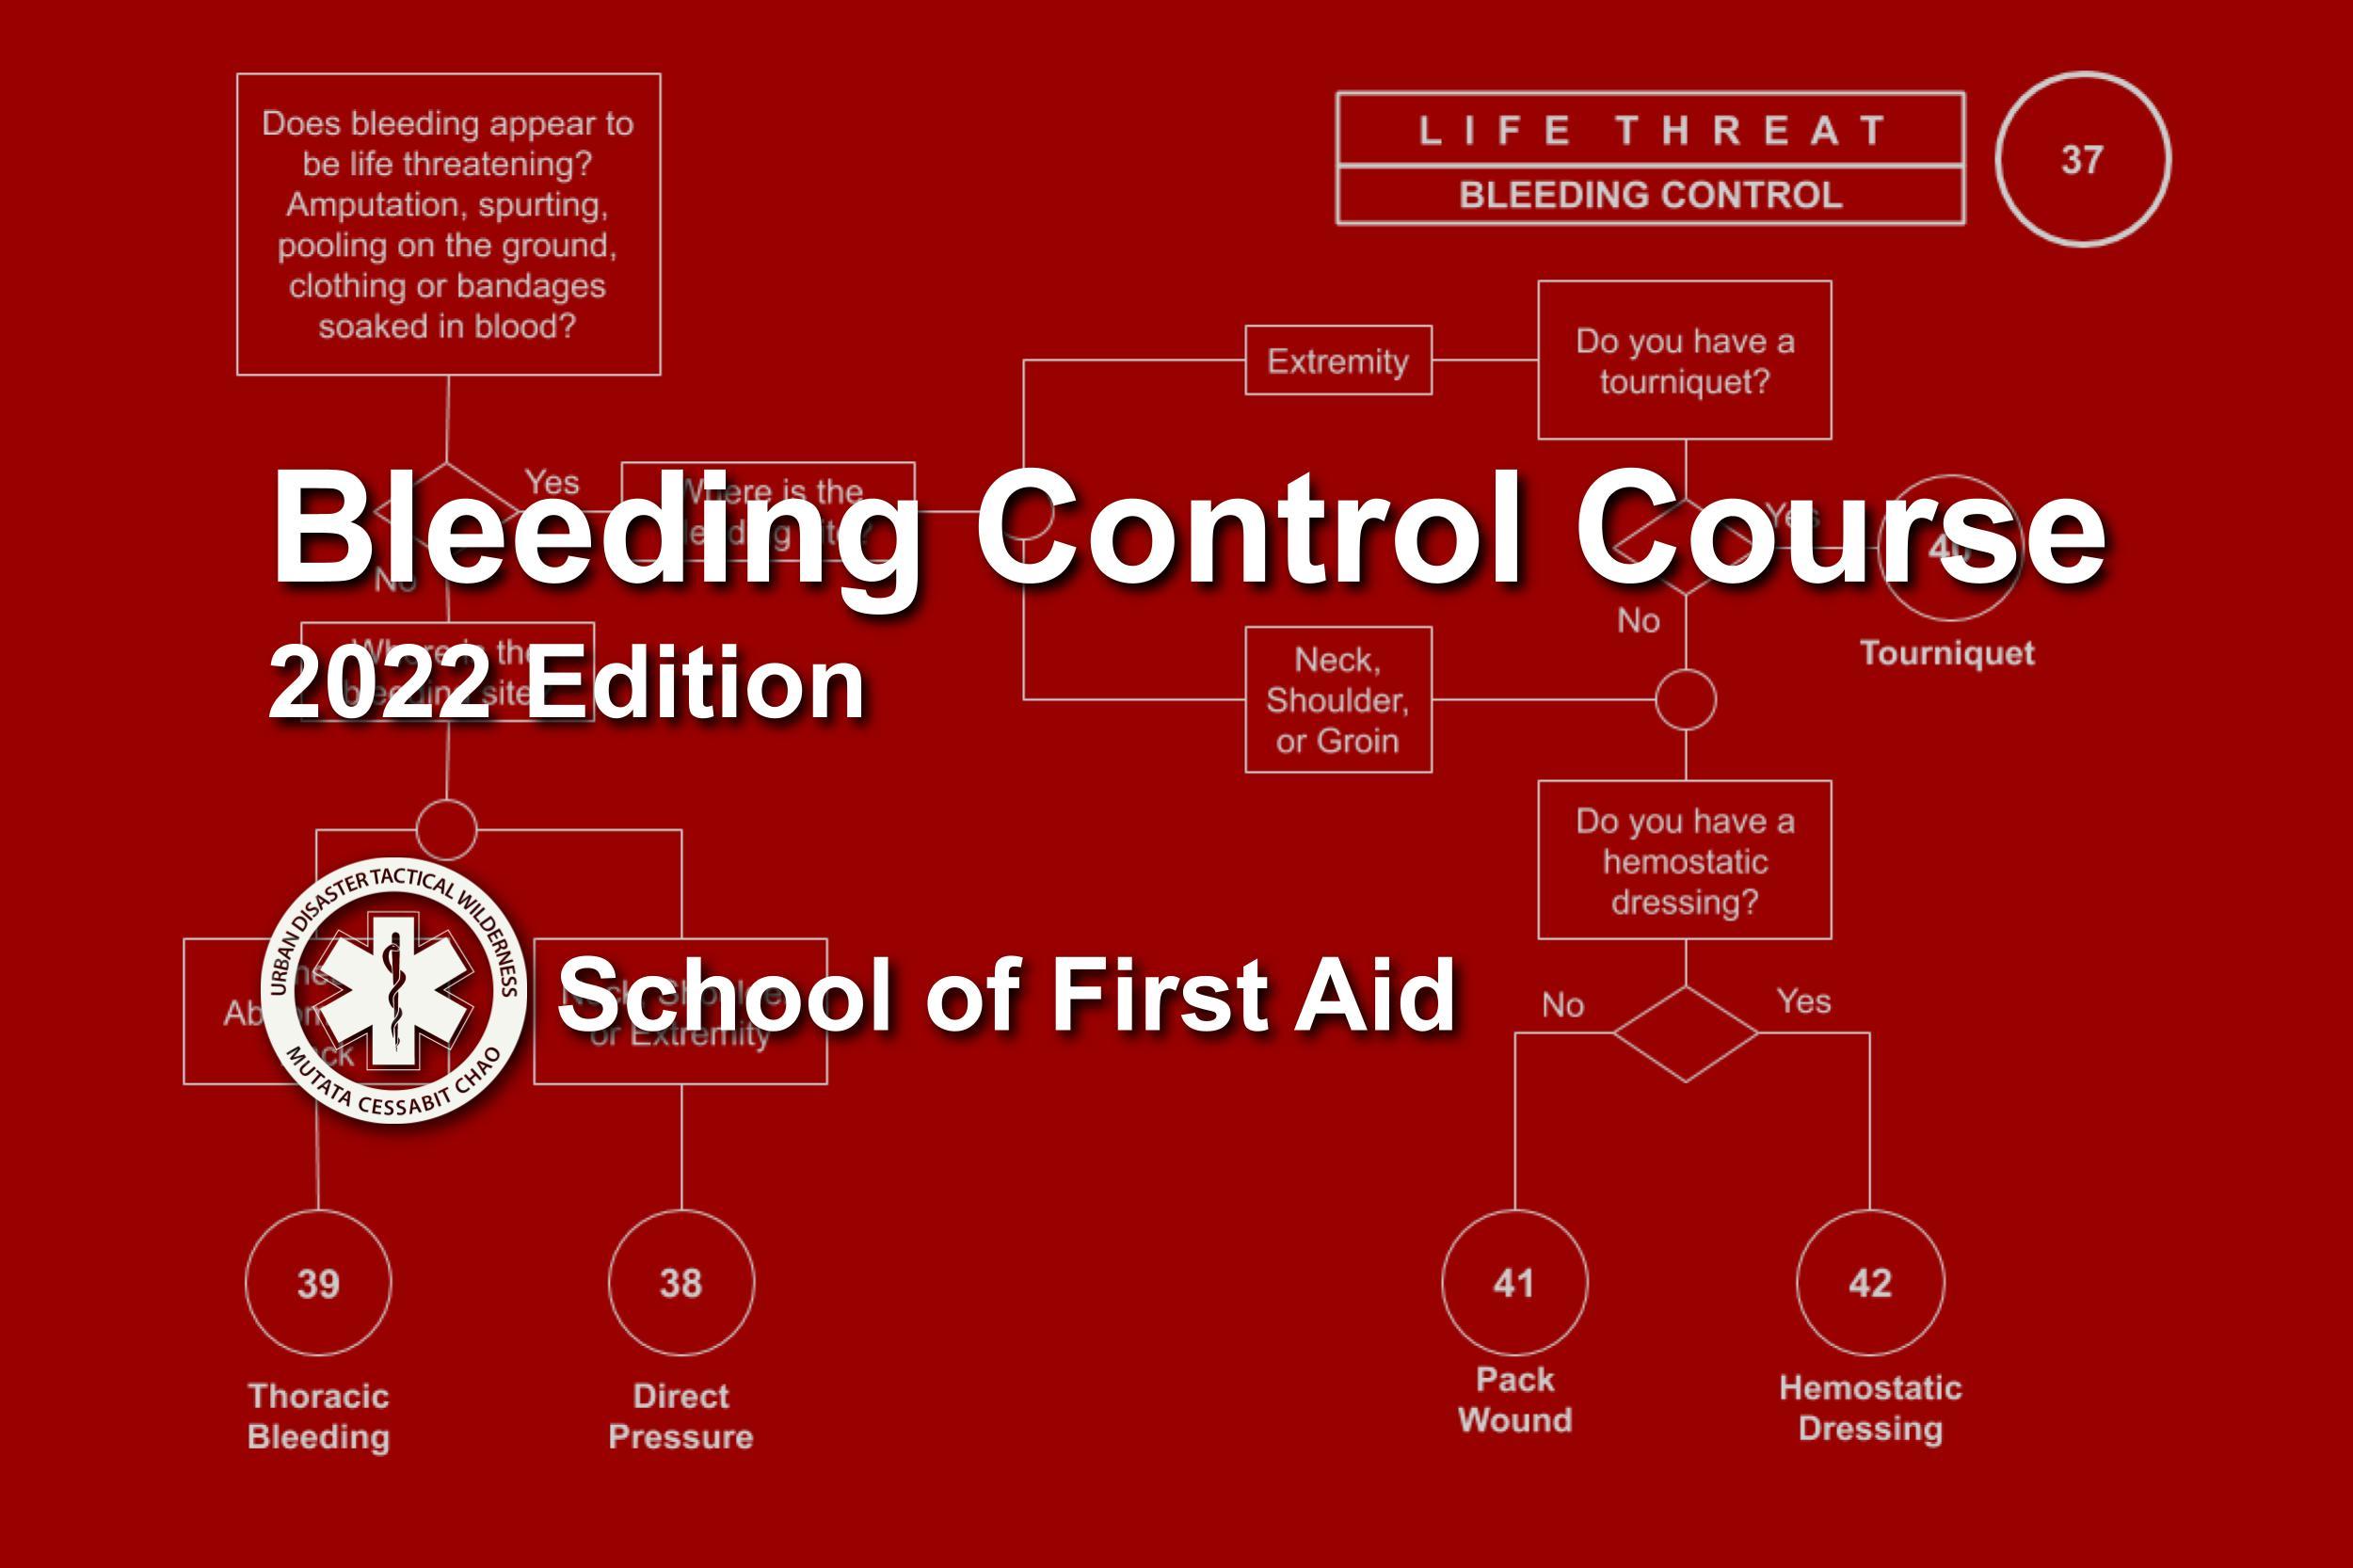 Bleeding Control Course